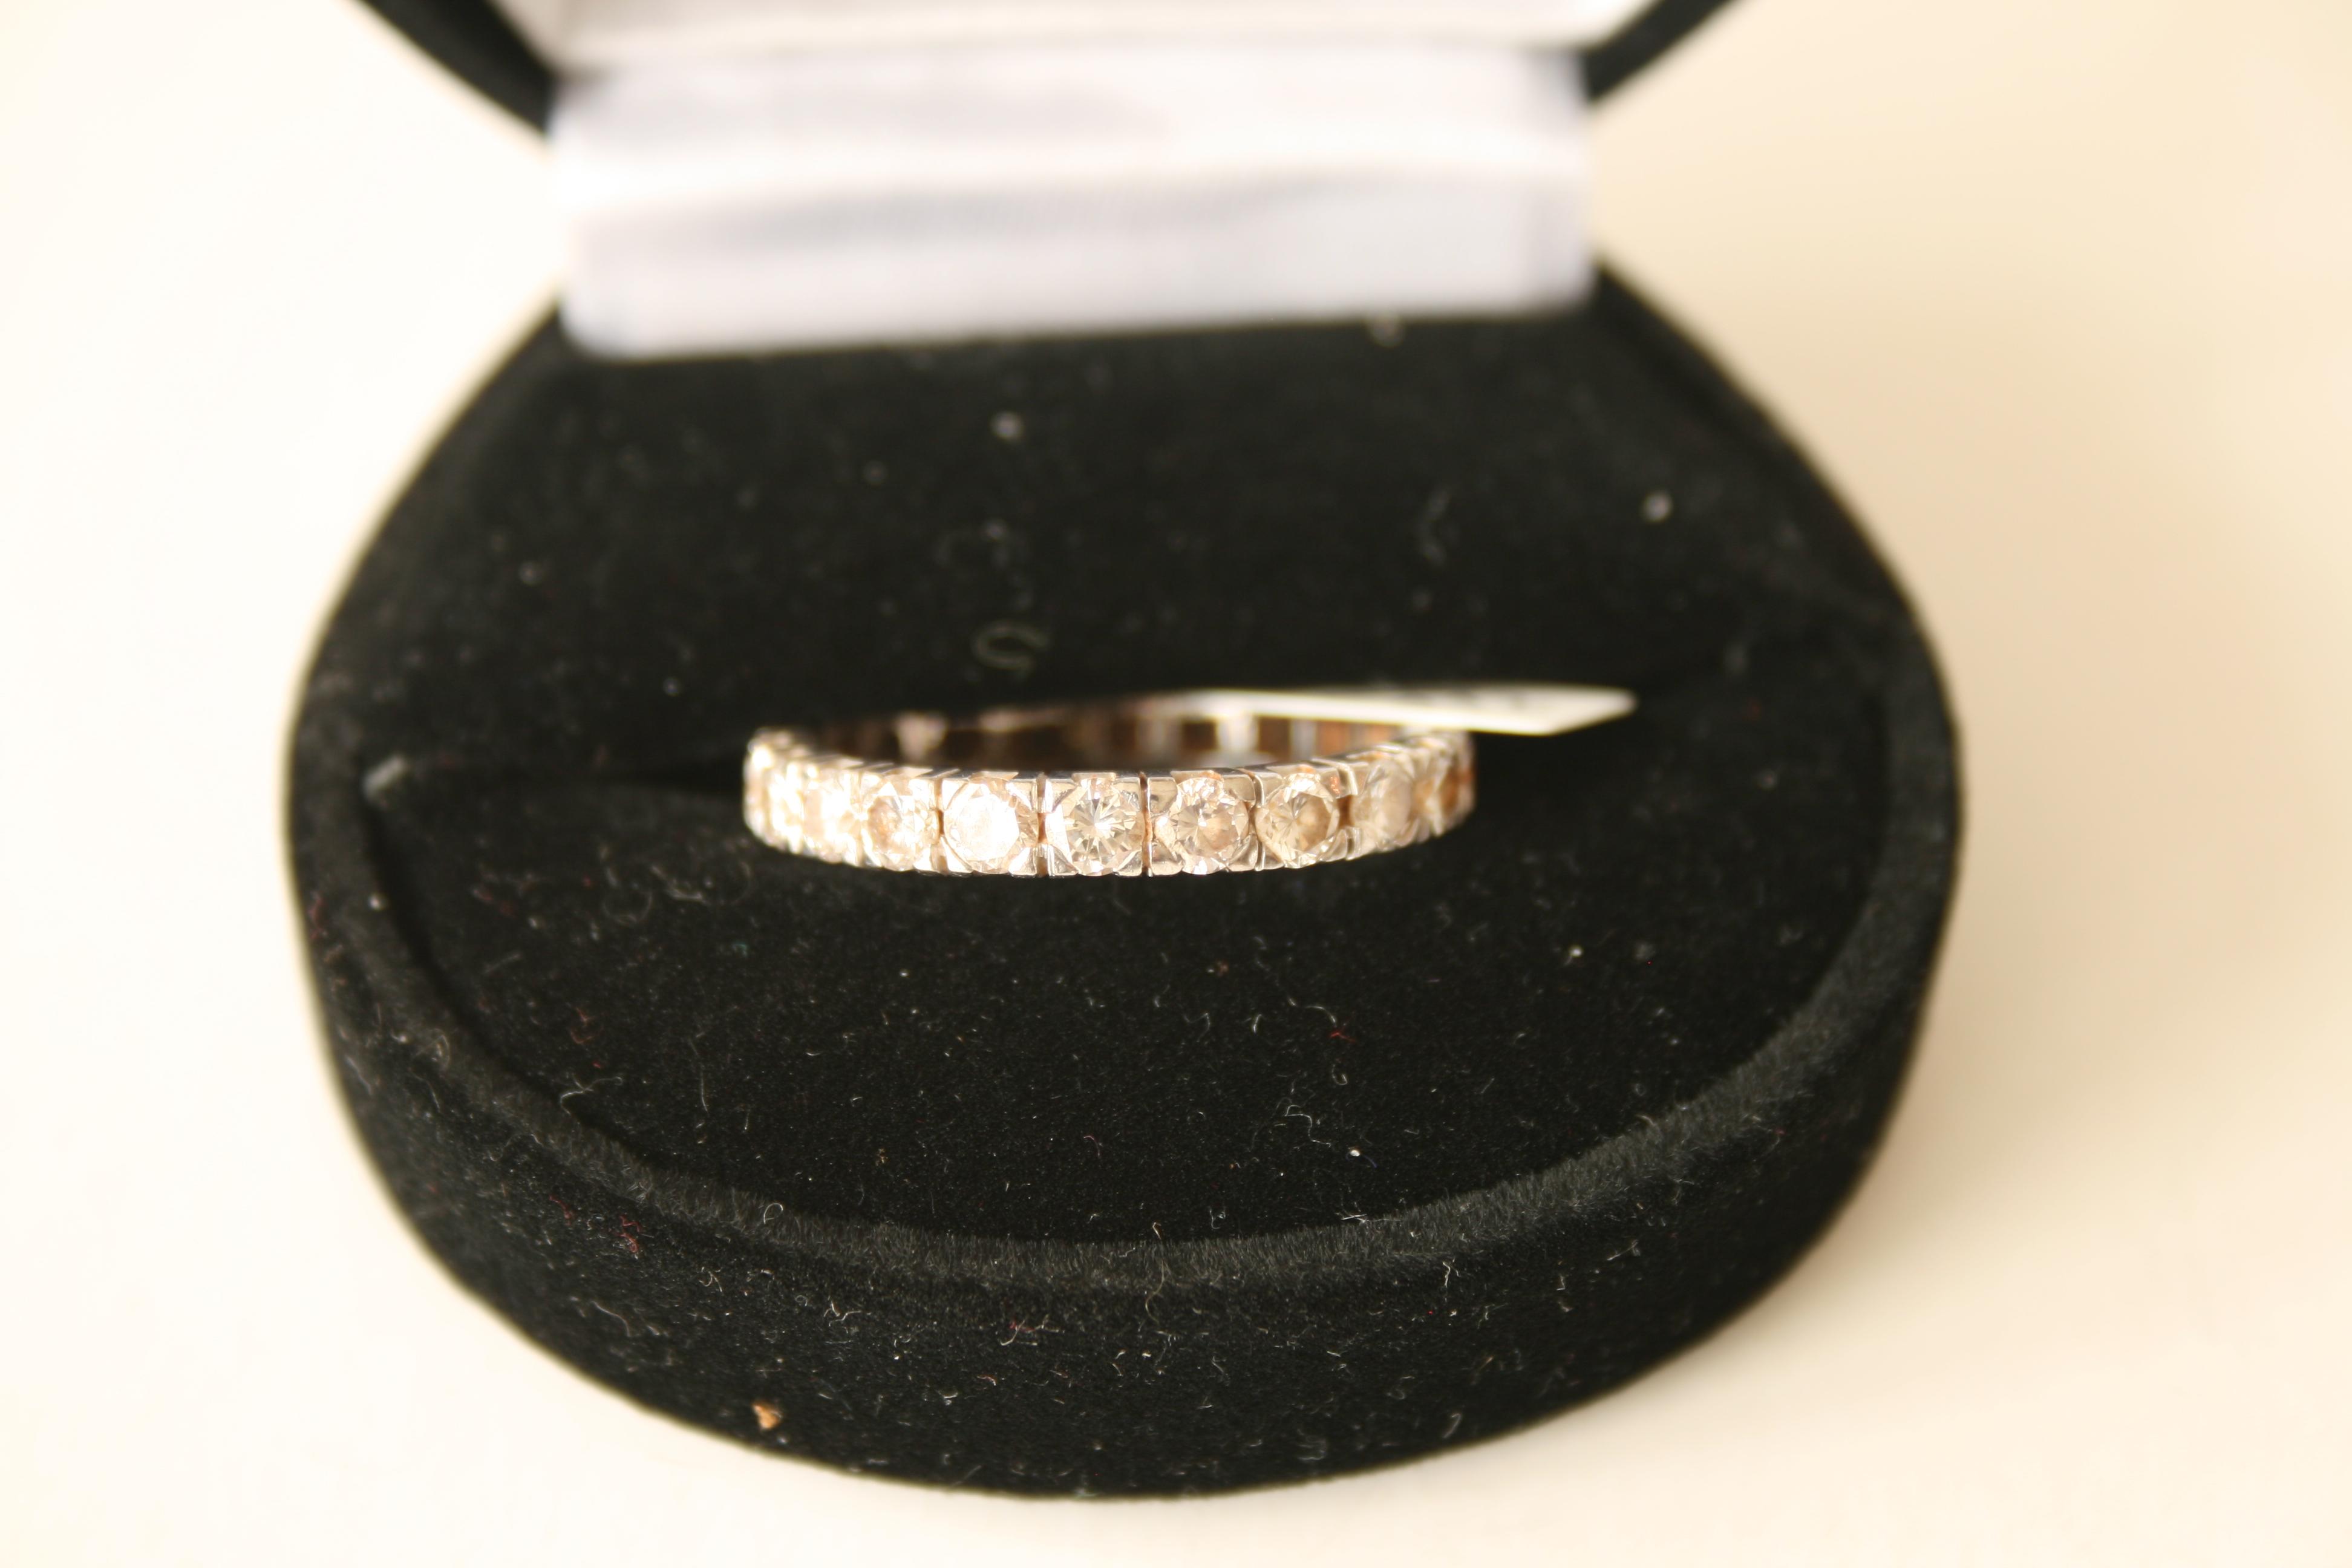 Lot 39 - Alliance américaine en or blanc 18 ct composée de 22 diamants de 0,10 ct chacun, [...]